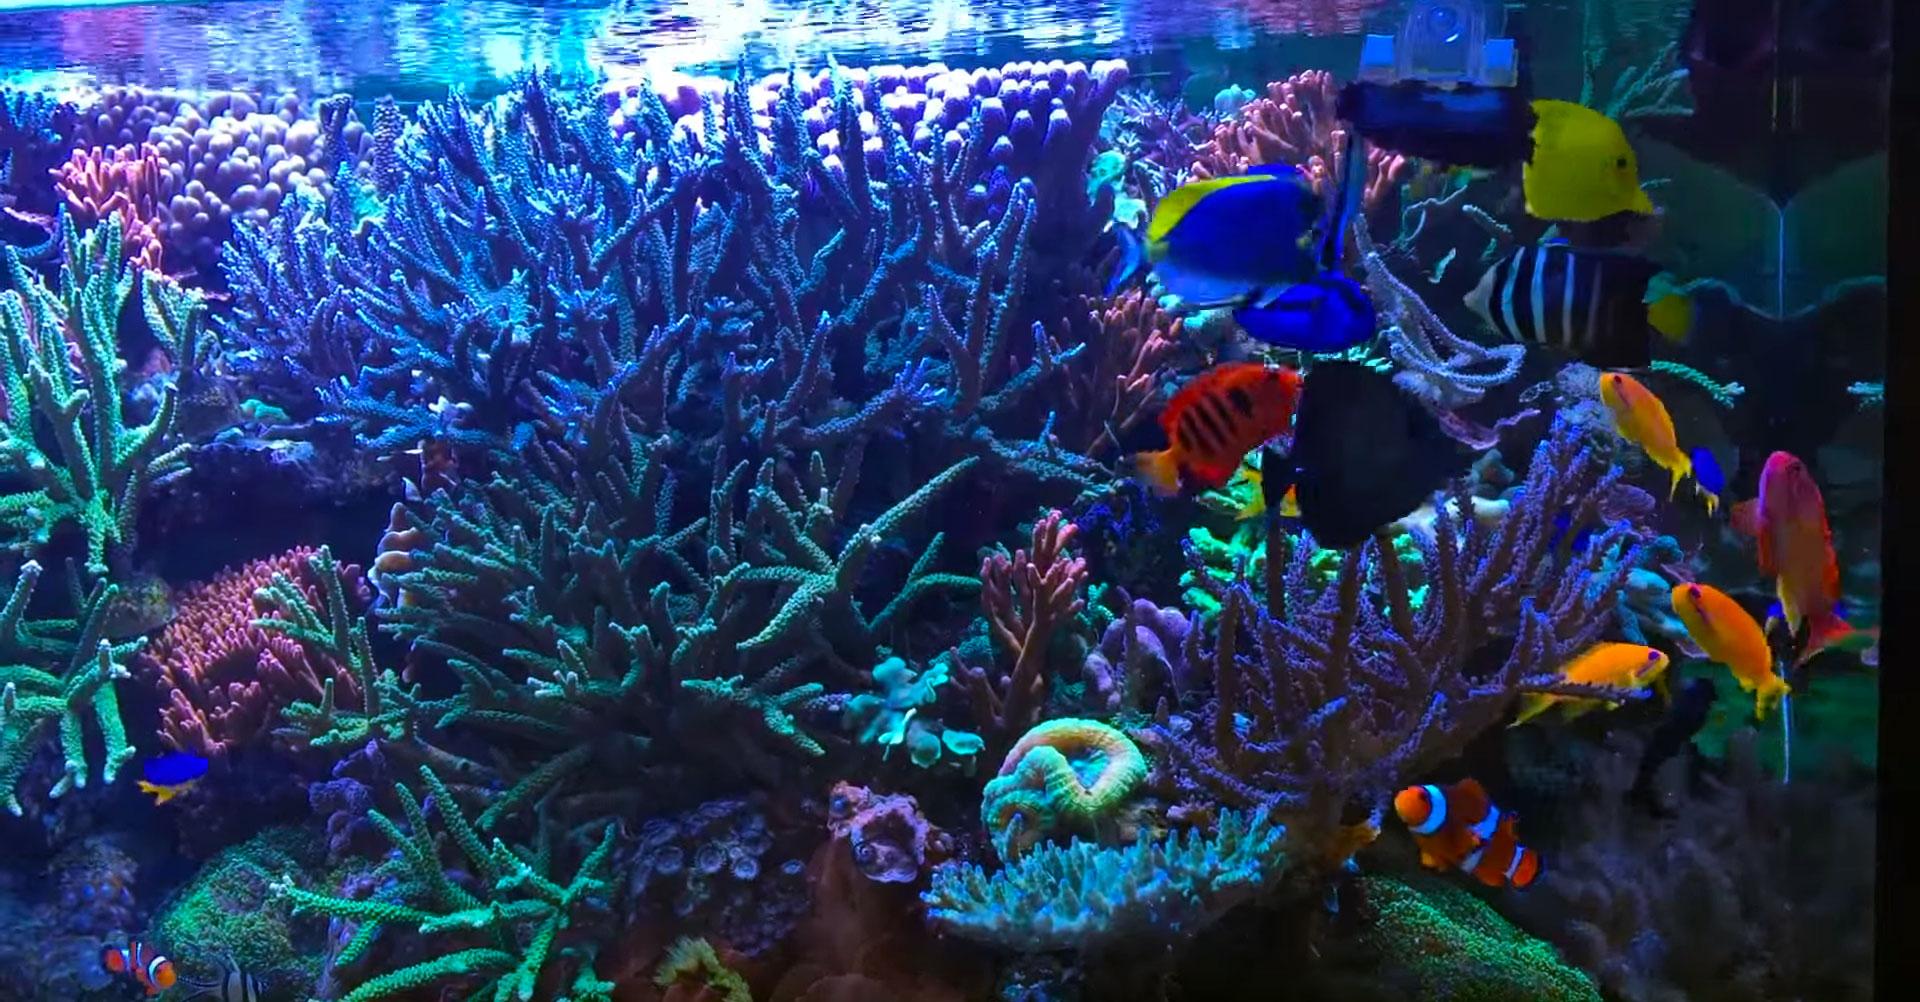 Meerwasseraquarium f ttern von getrockneten algen for Salzwasser aquarium fische